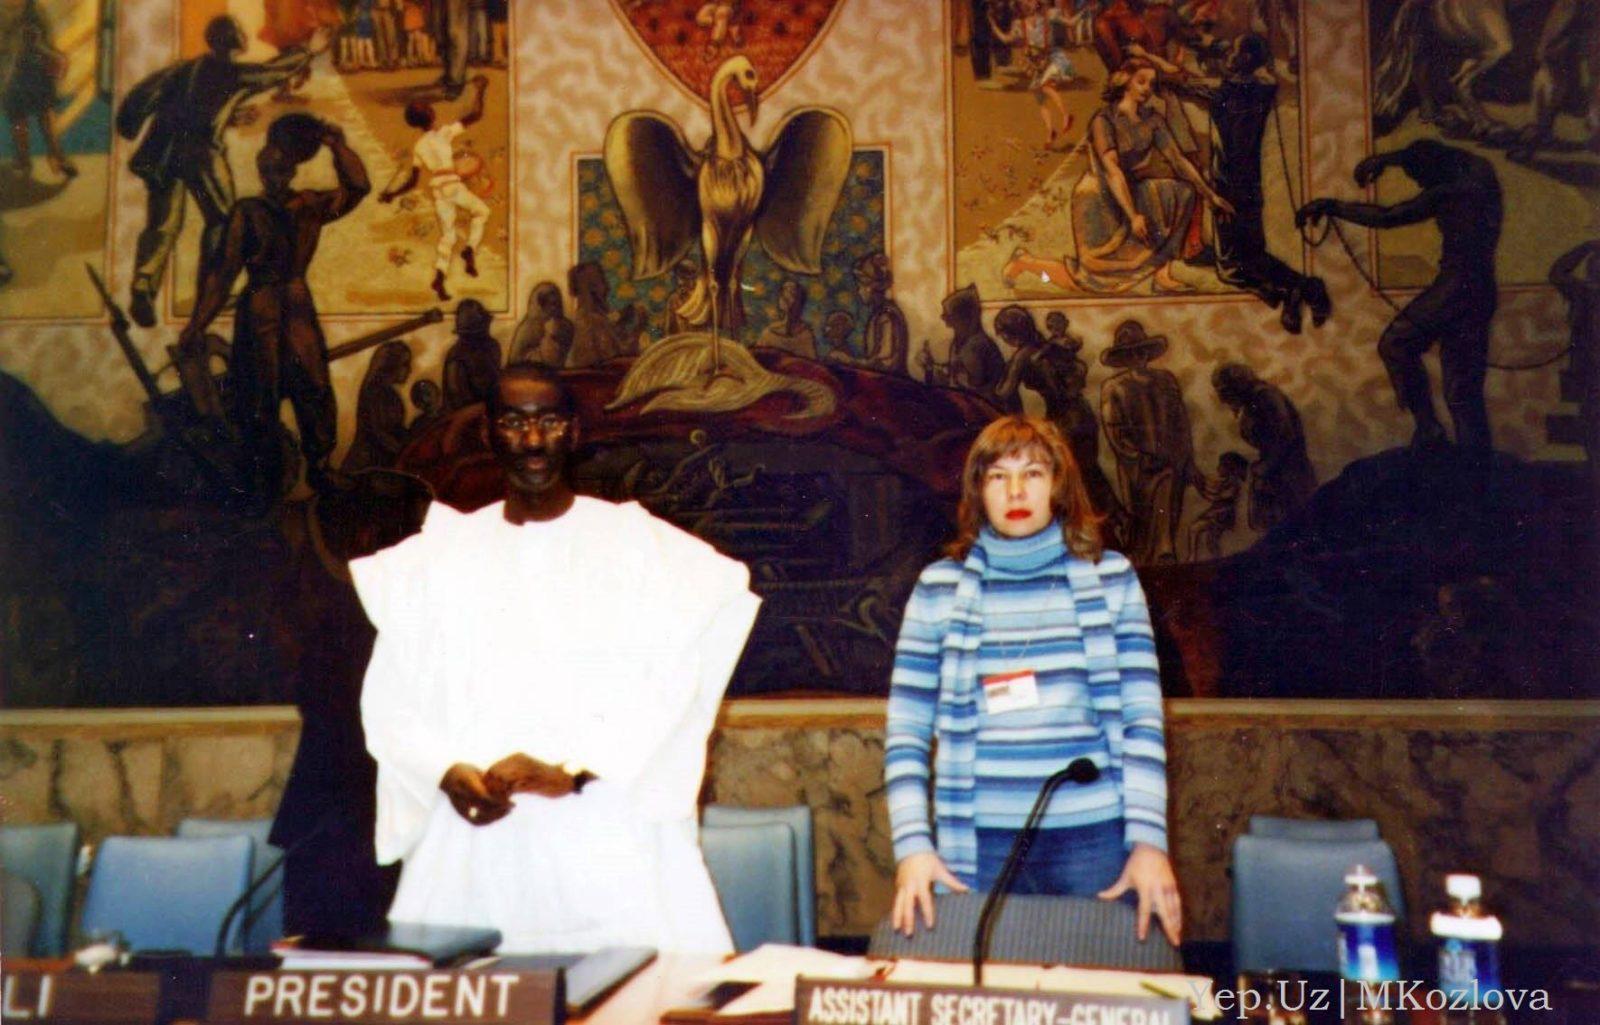 Марина Козлова в Совете Безопасности ООН перед картиной Пера Крога